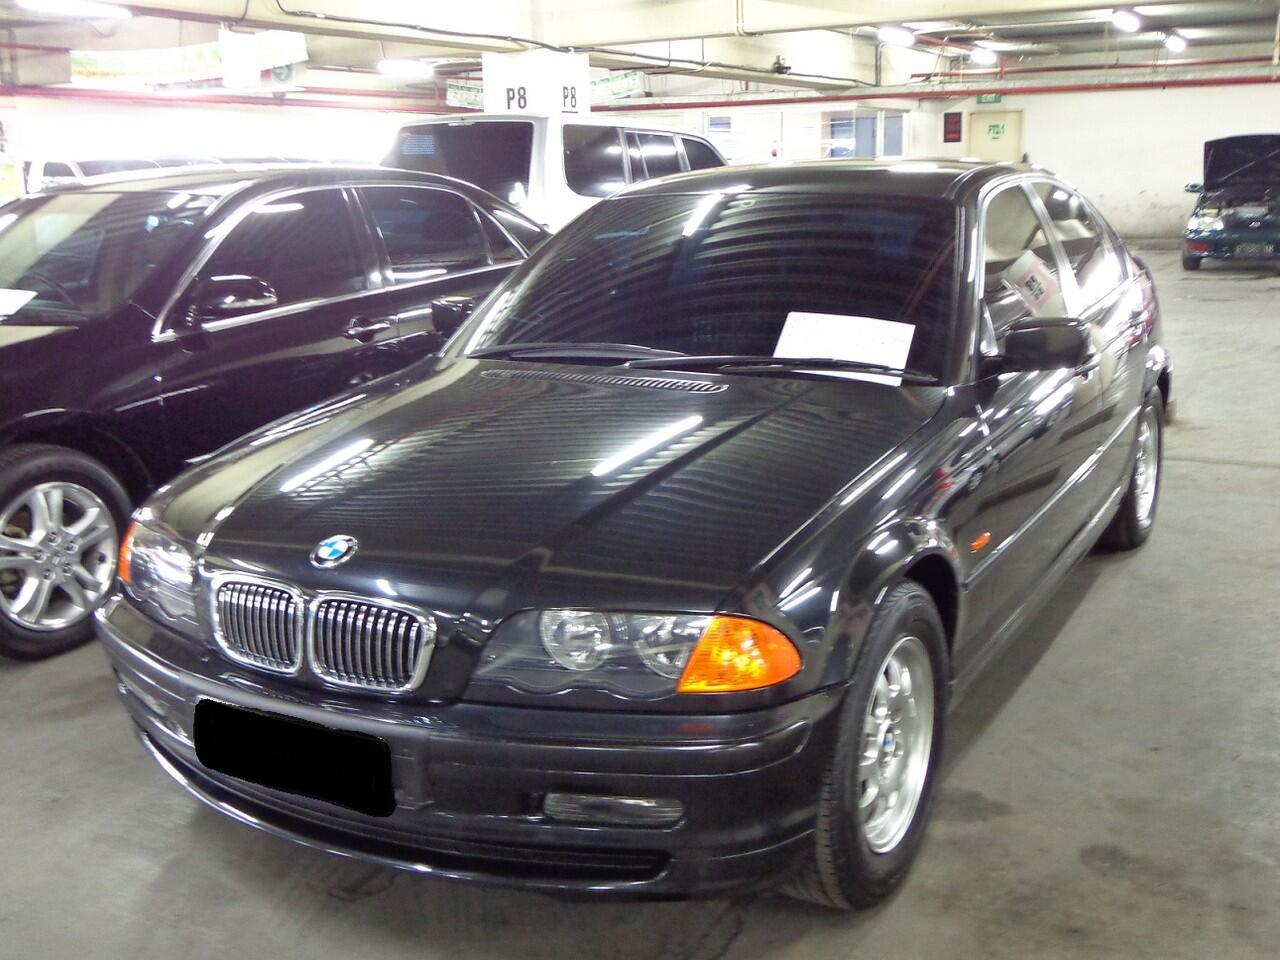 BMW 318i Th. 2000